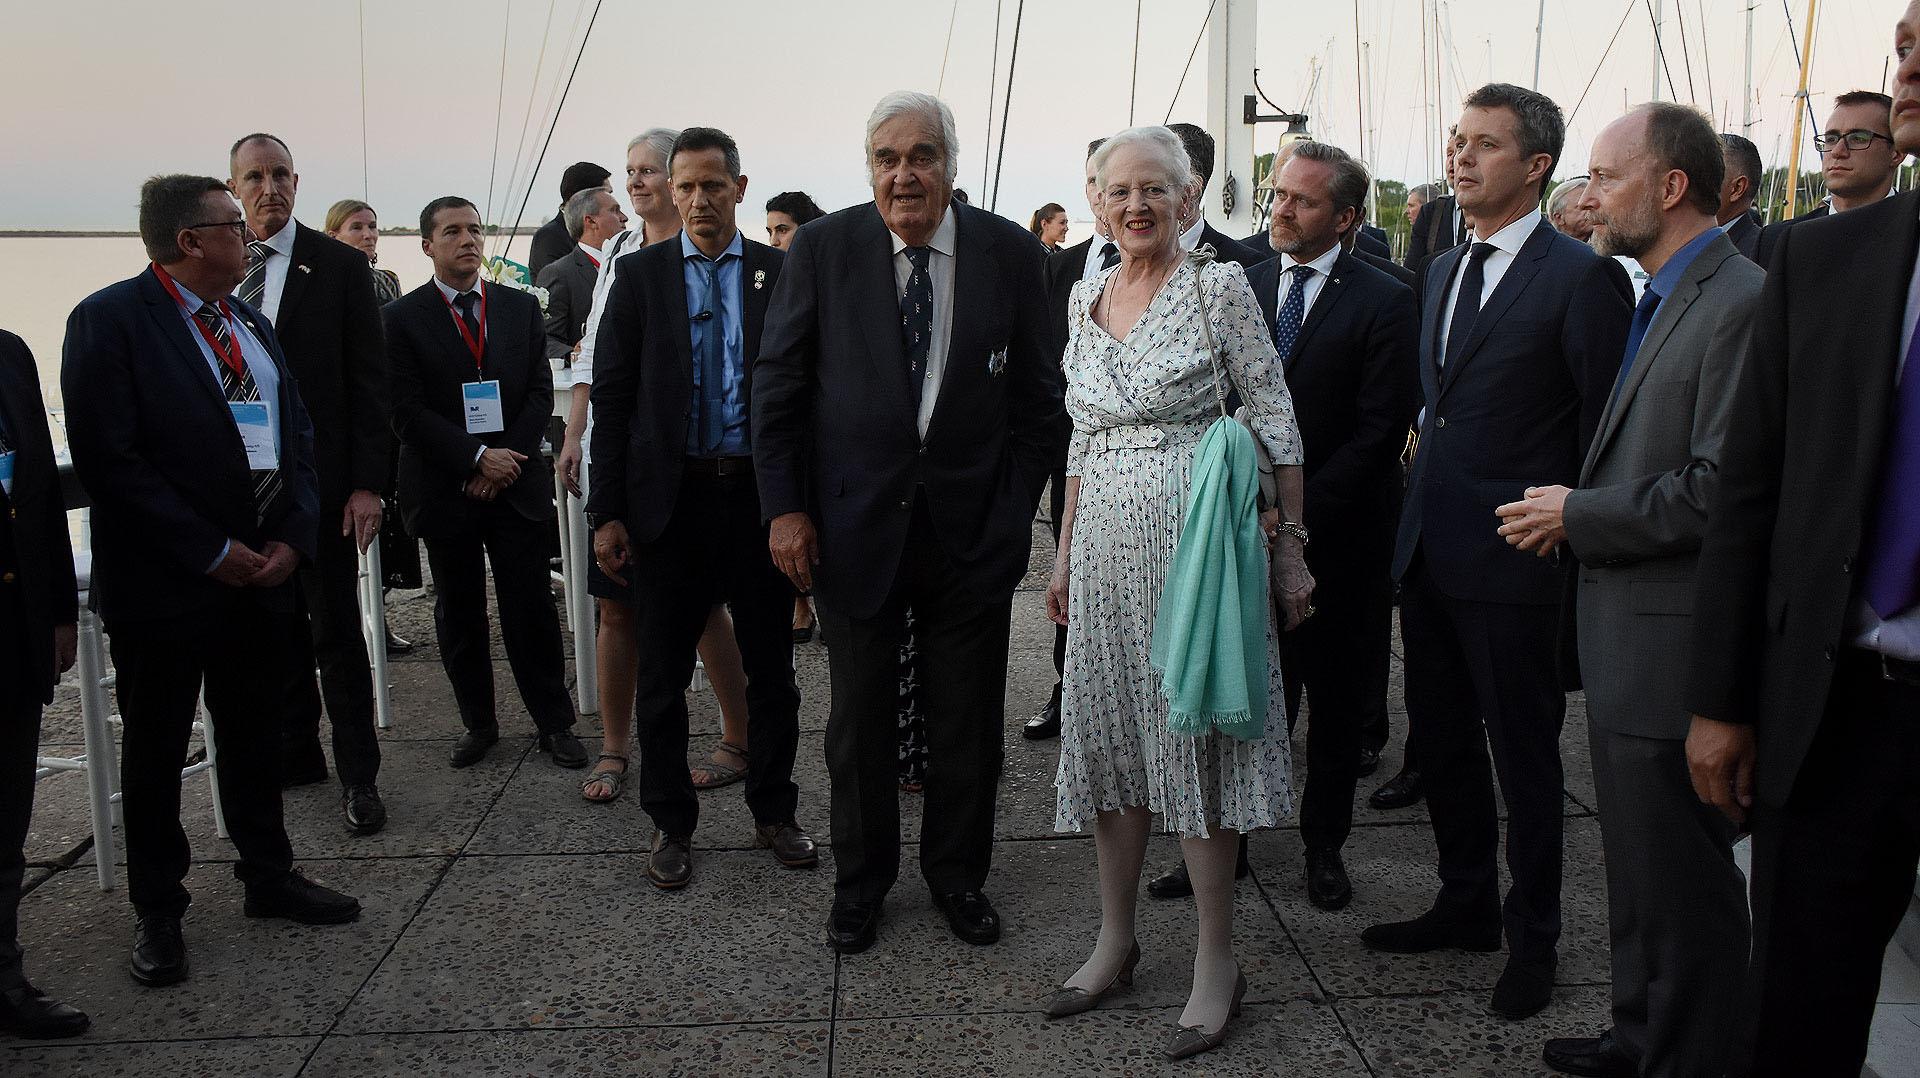 La Reina de Dinamarca junto al comodoro del Yacht Club Argentino Diego Peralta Ramos